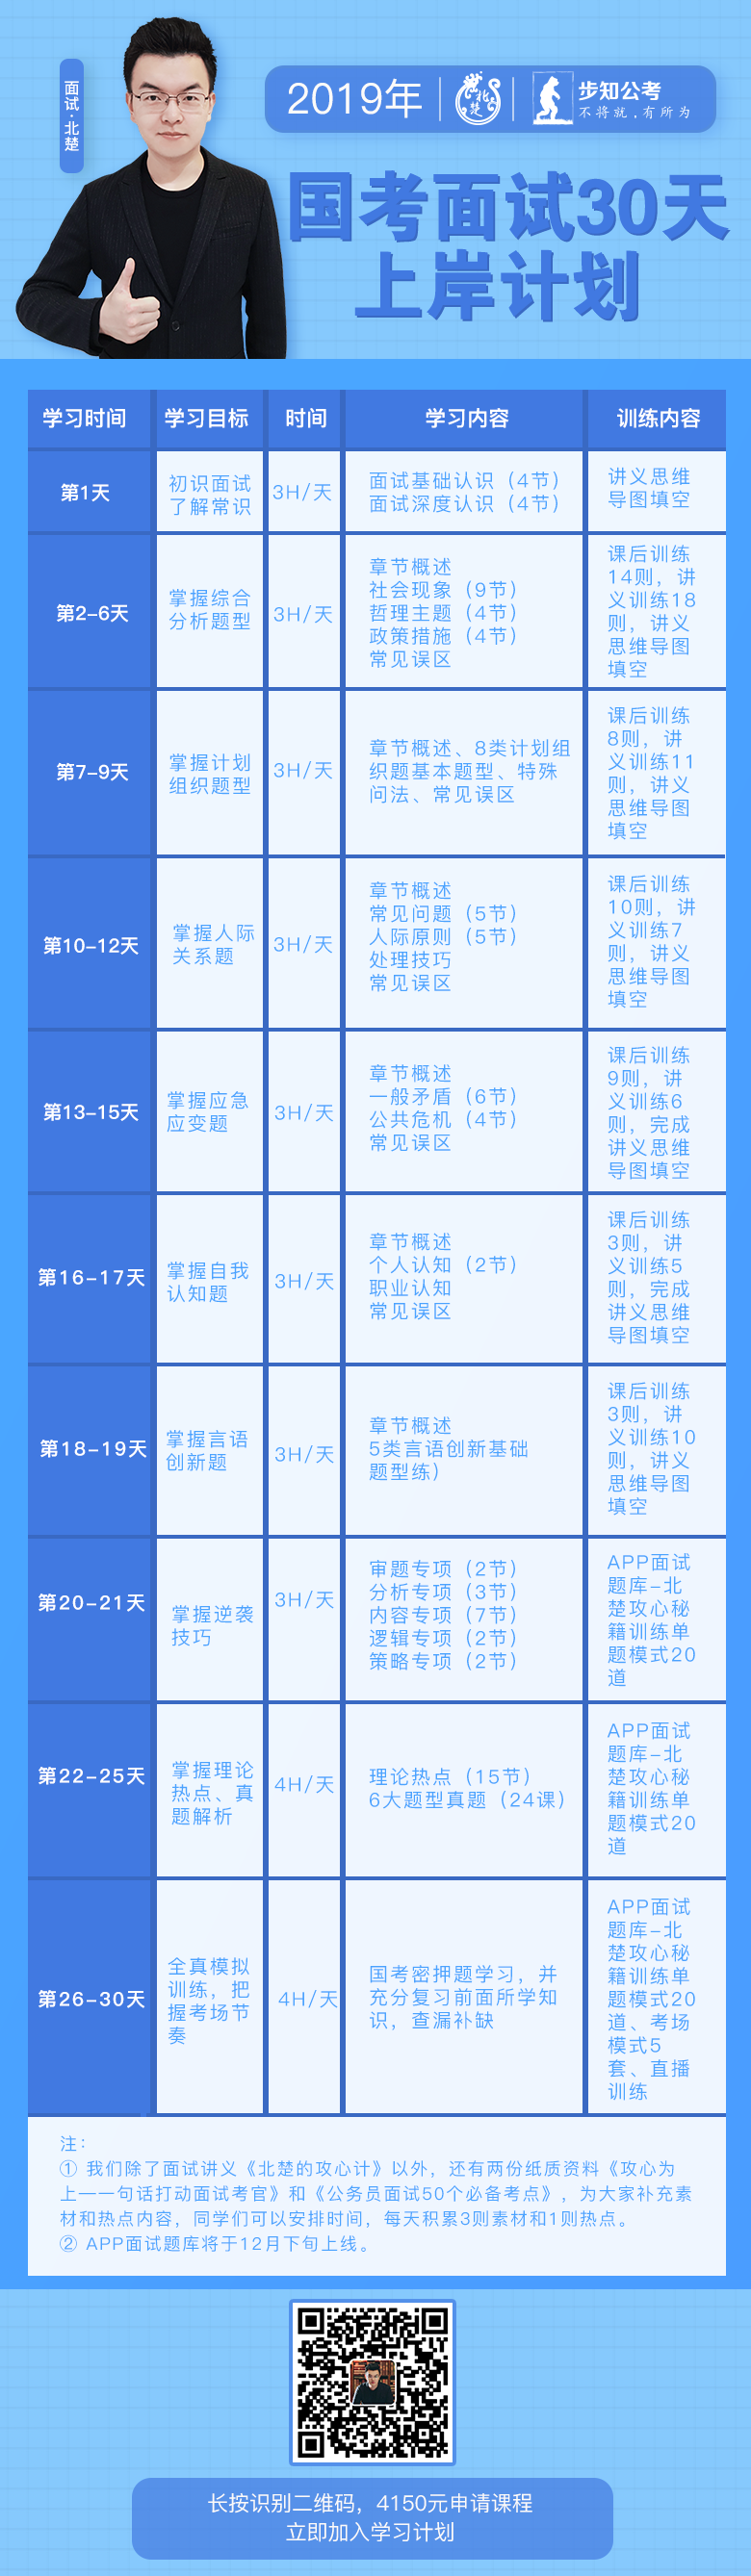 2019年国考面试30天上岸计划改)psd.png